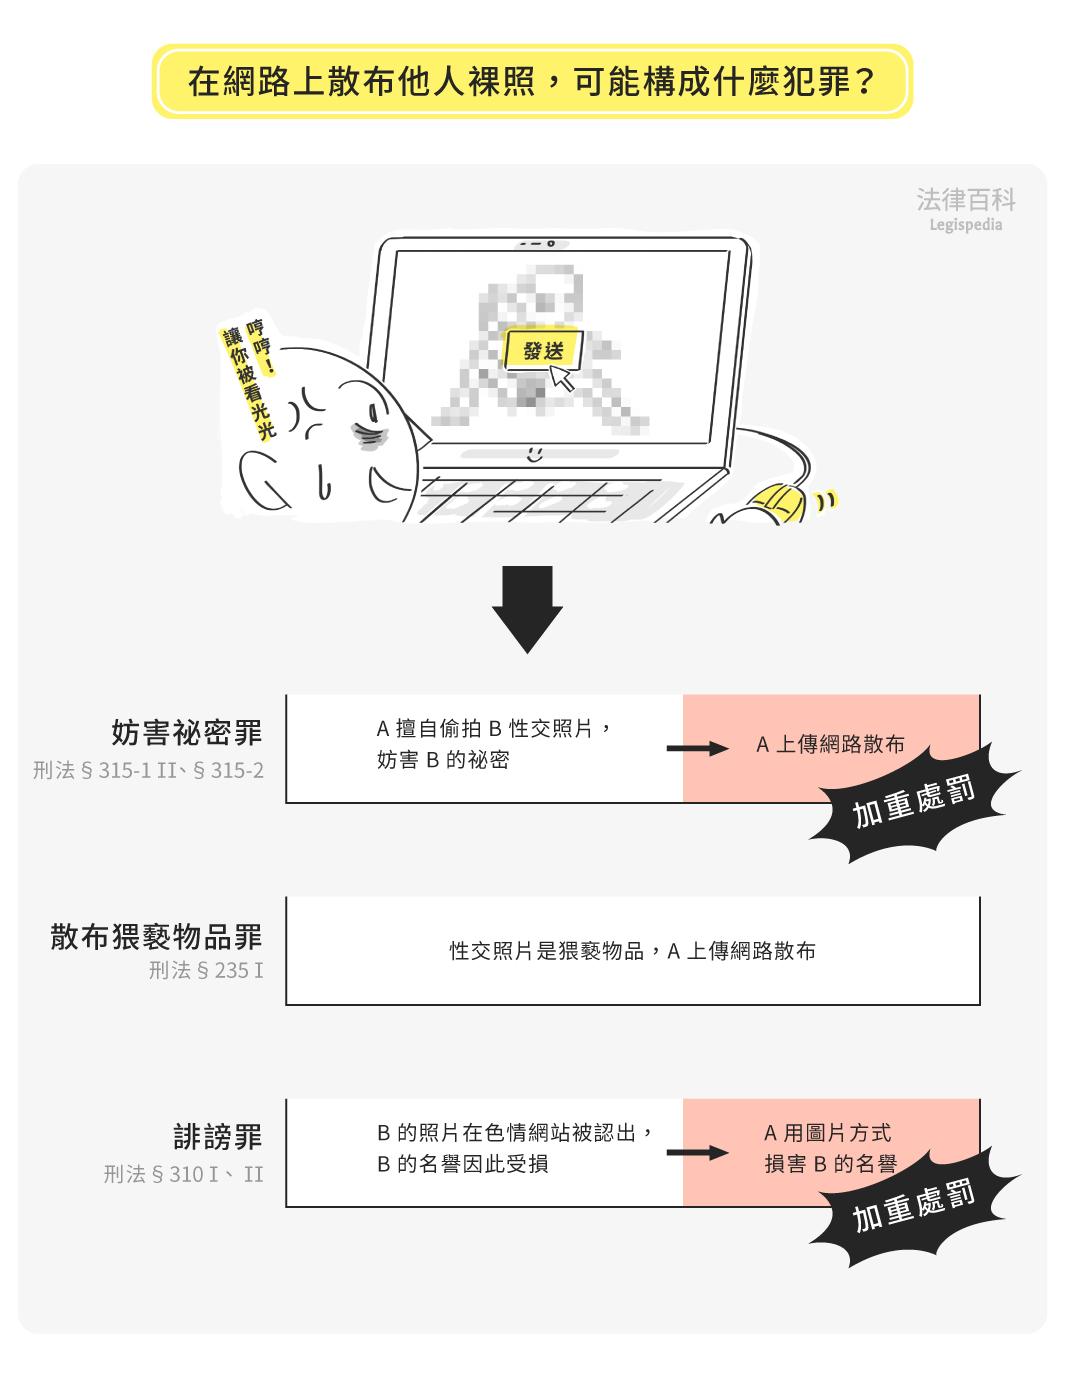 圖1 在網路上散布他人裸照,可能構成什麼犯罪?||資料來源:李昕 / 繪圖:Yen